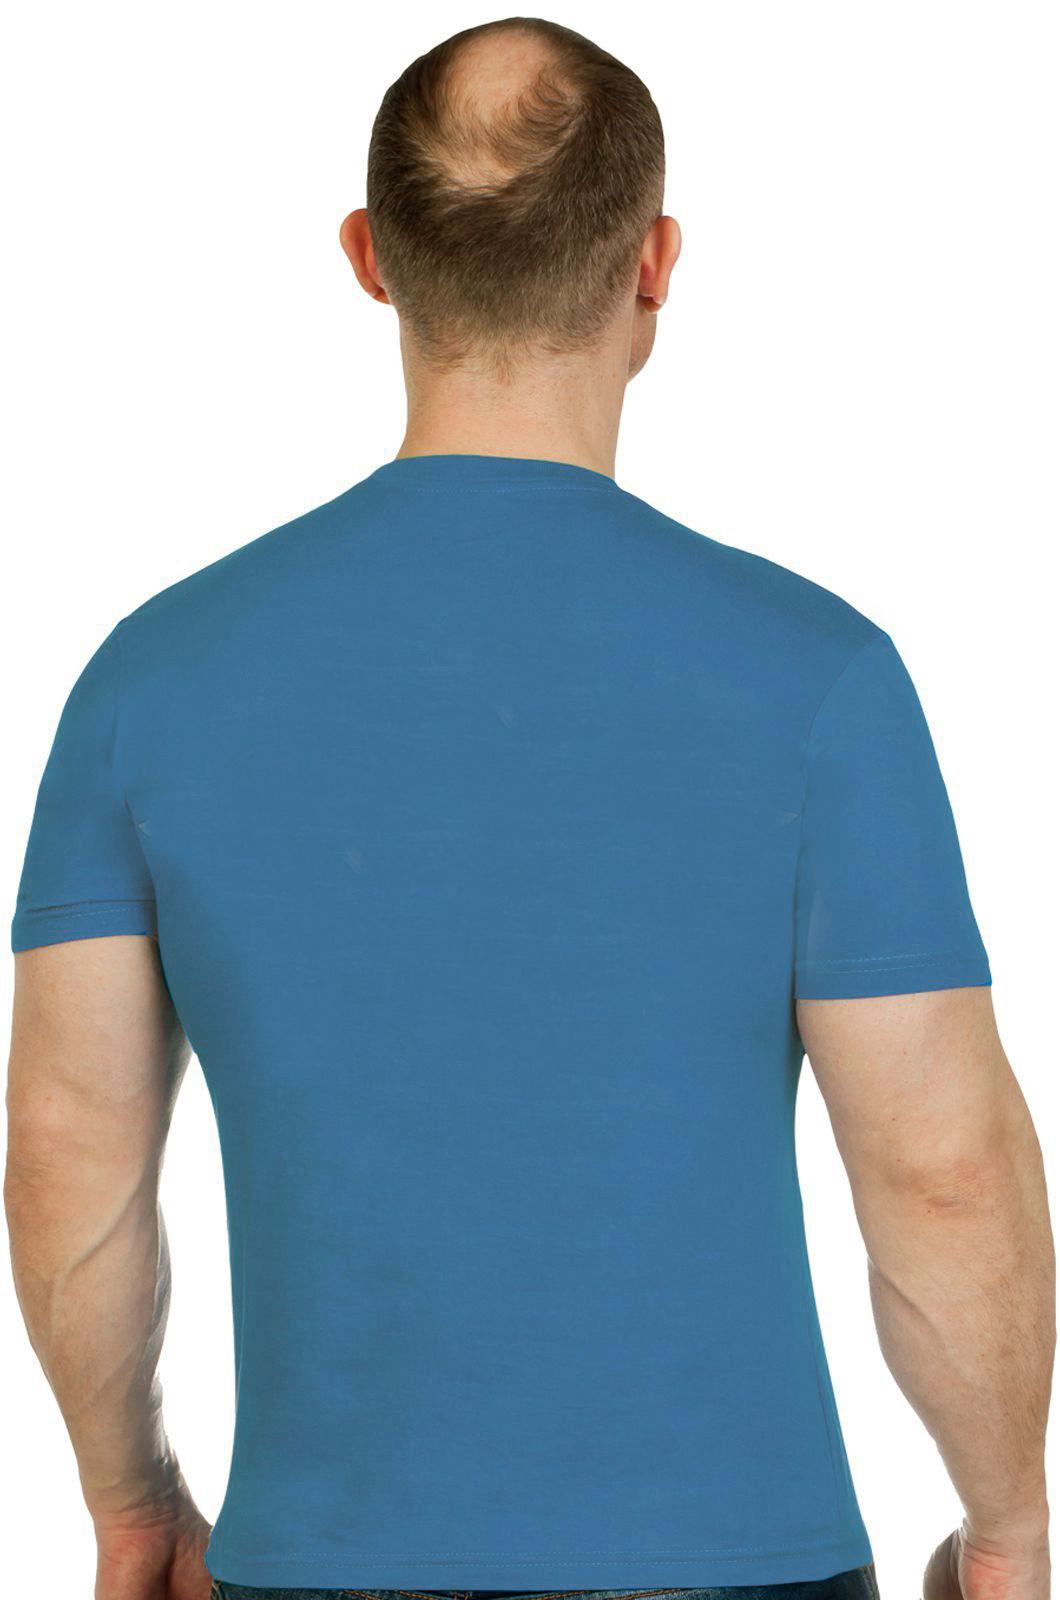 Надежная хлопковая футболка с вышивкой ВДВ - заказать оптом